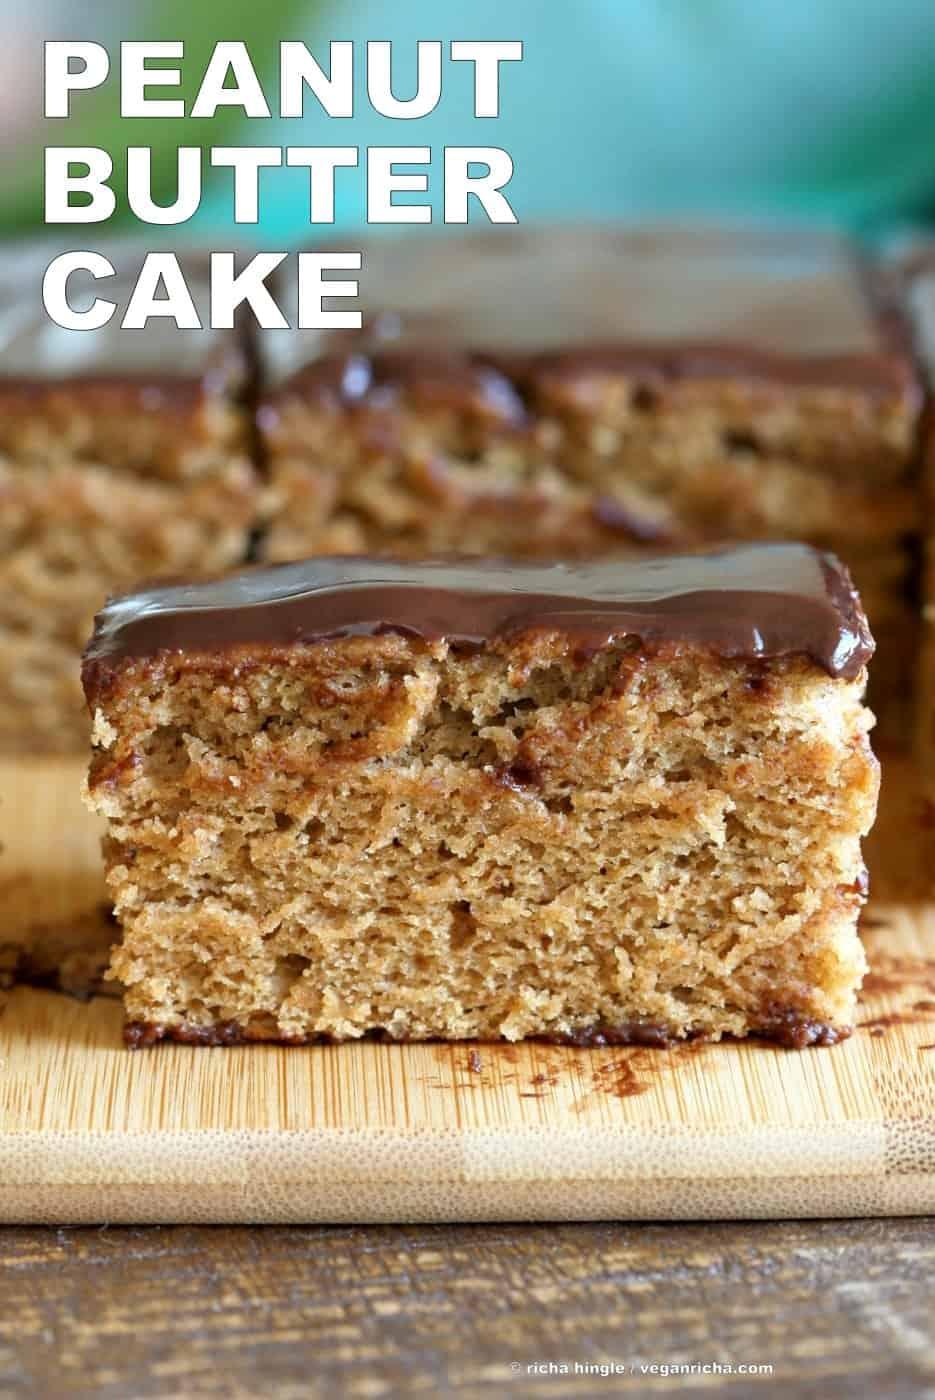 Peanut butter cake with chocolate peanut butter glaze